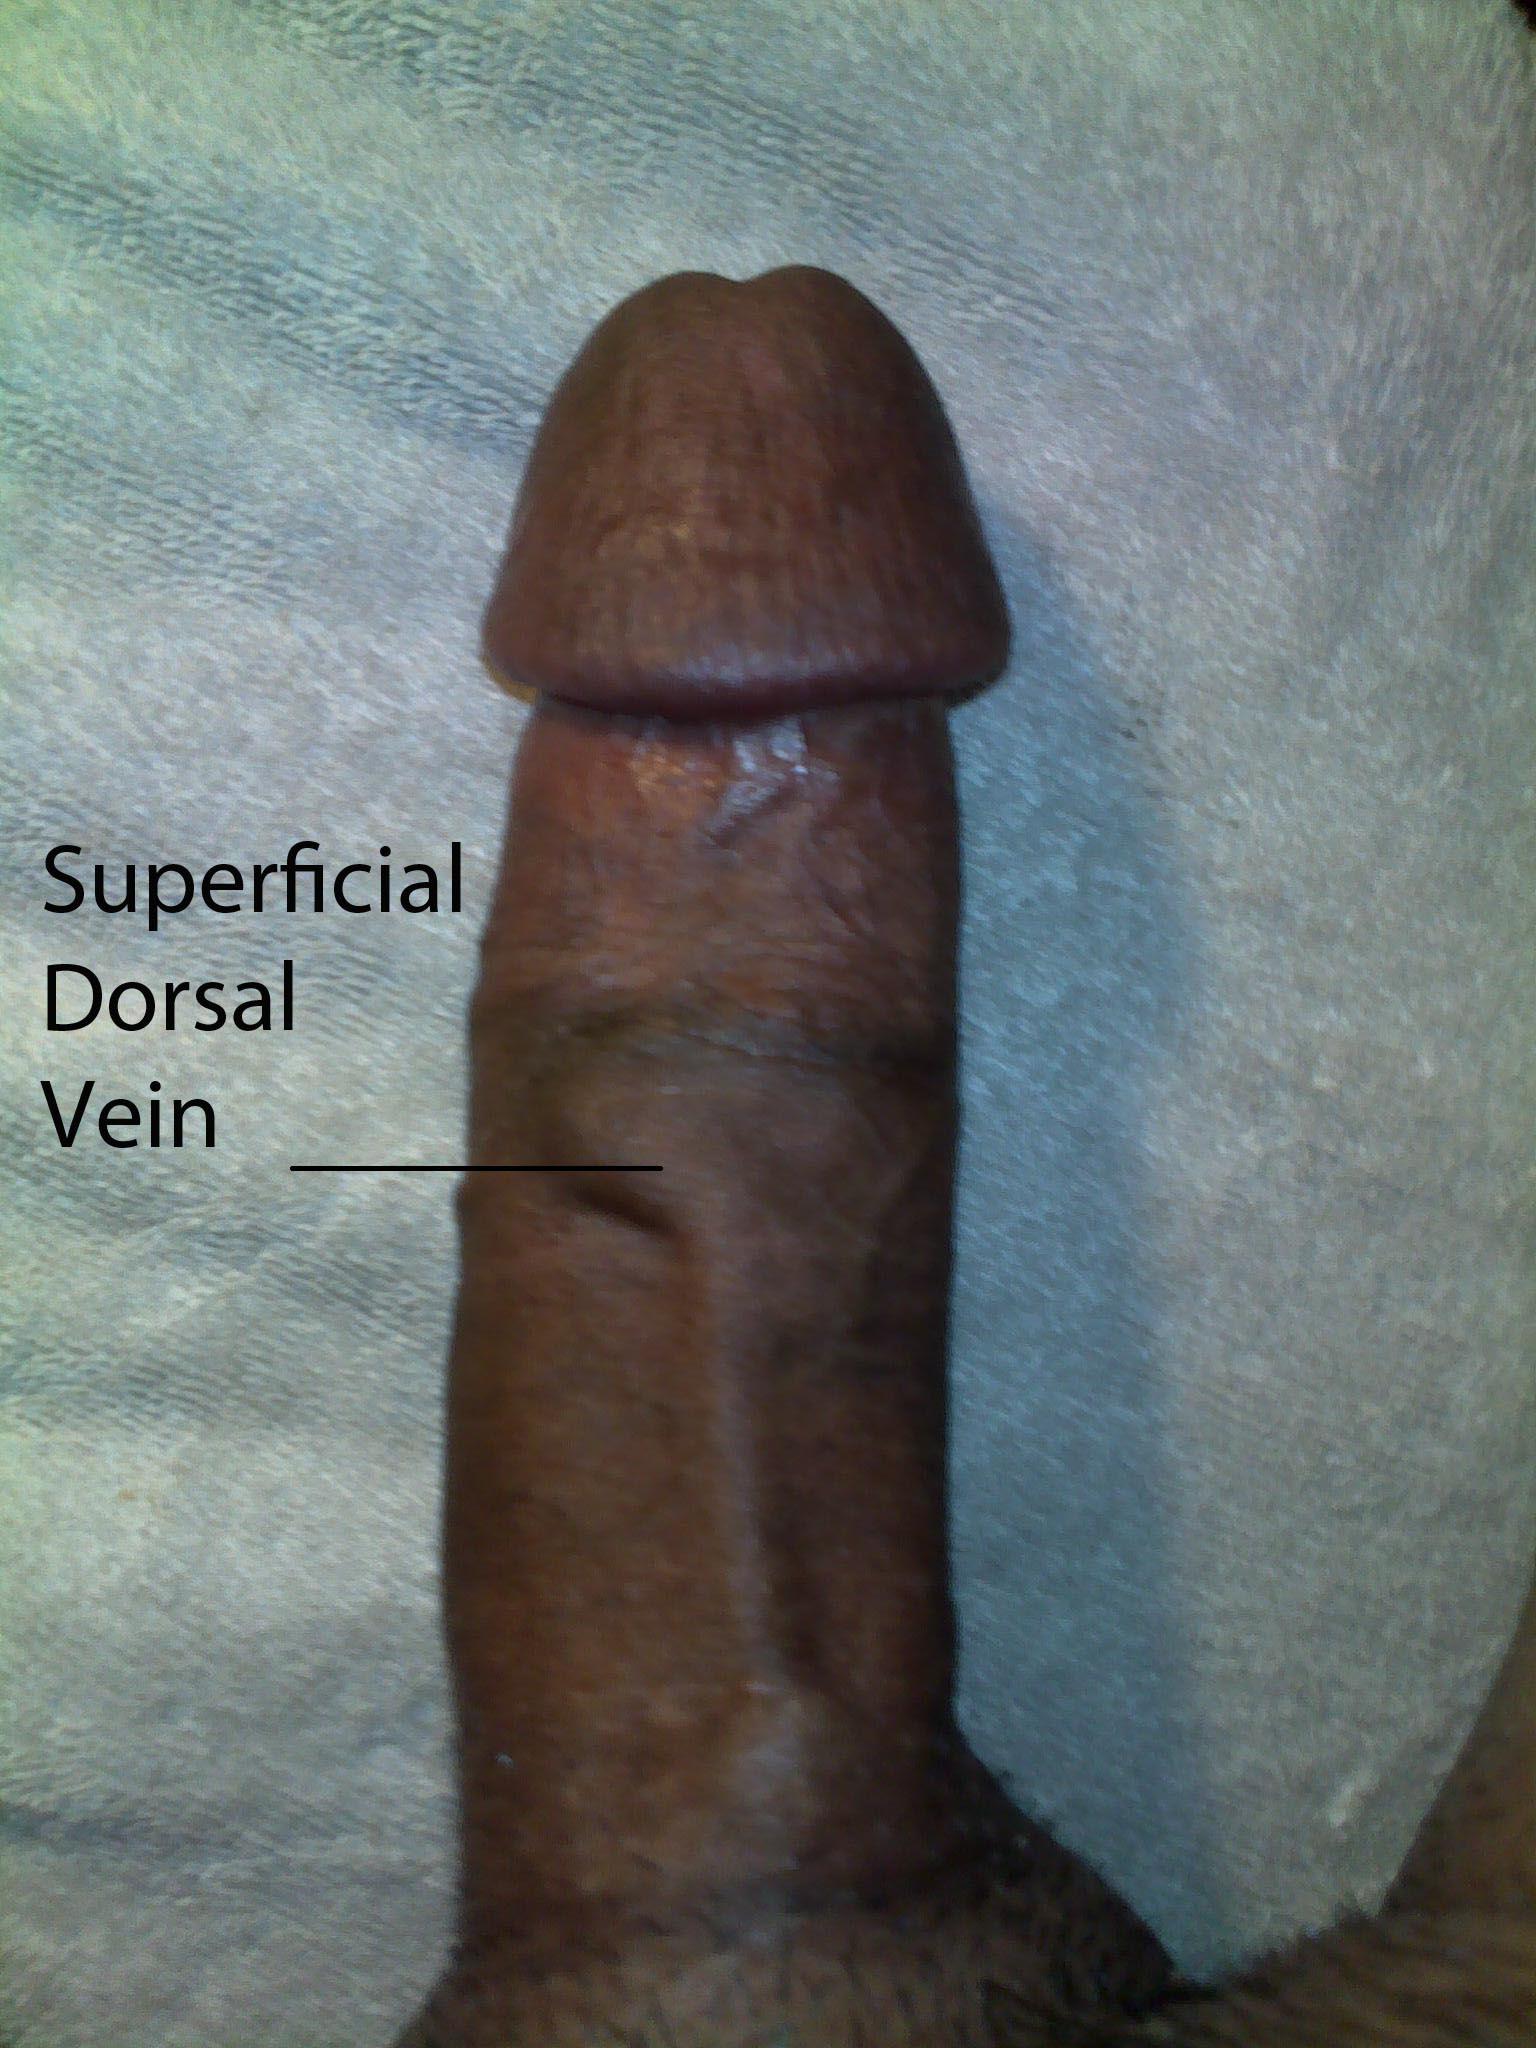 deep dorsal vein of penis jpg 1080x810